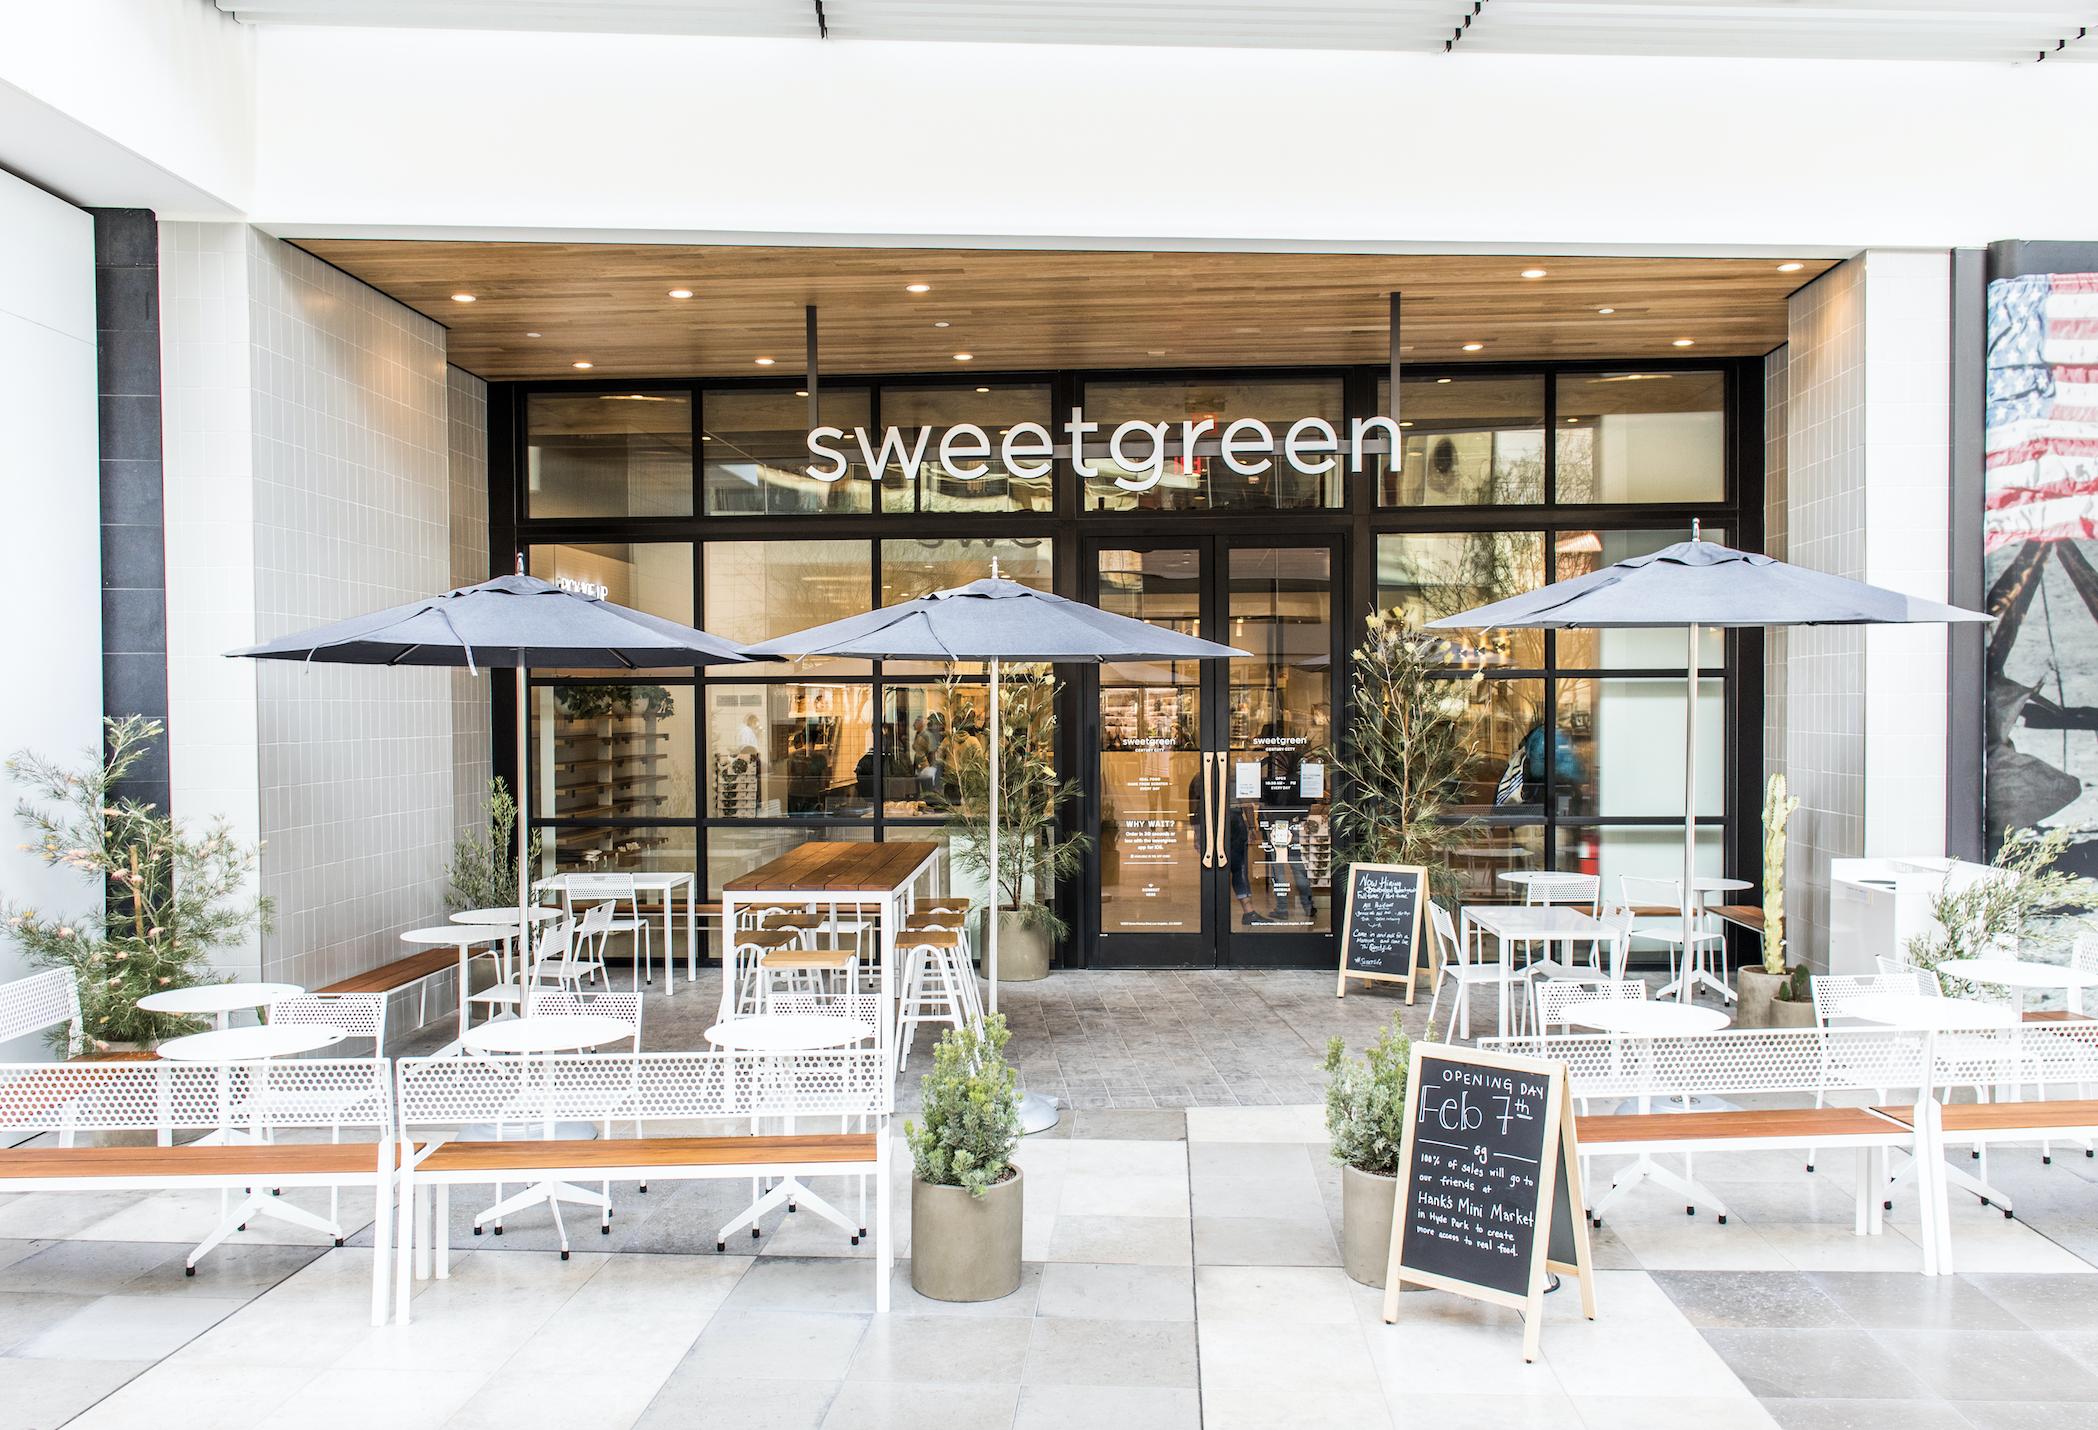 Sweetgreen Century City